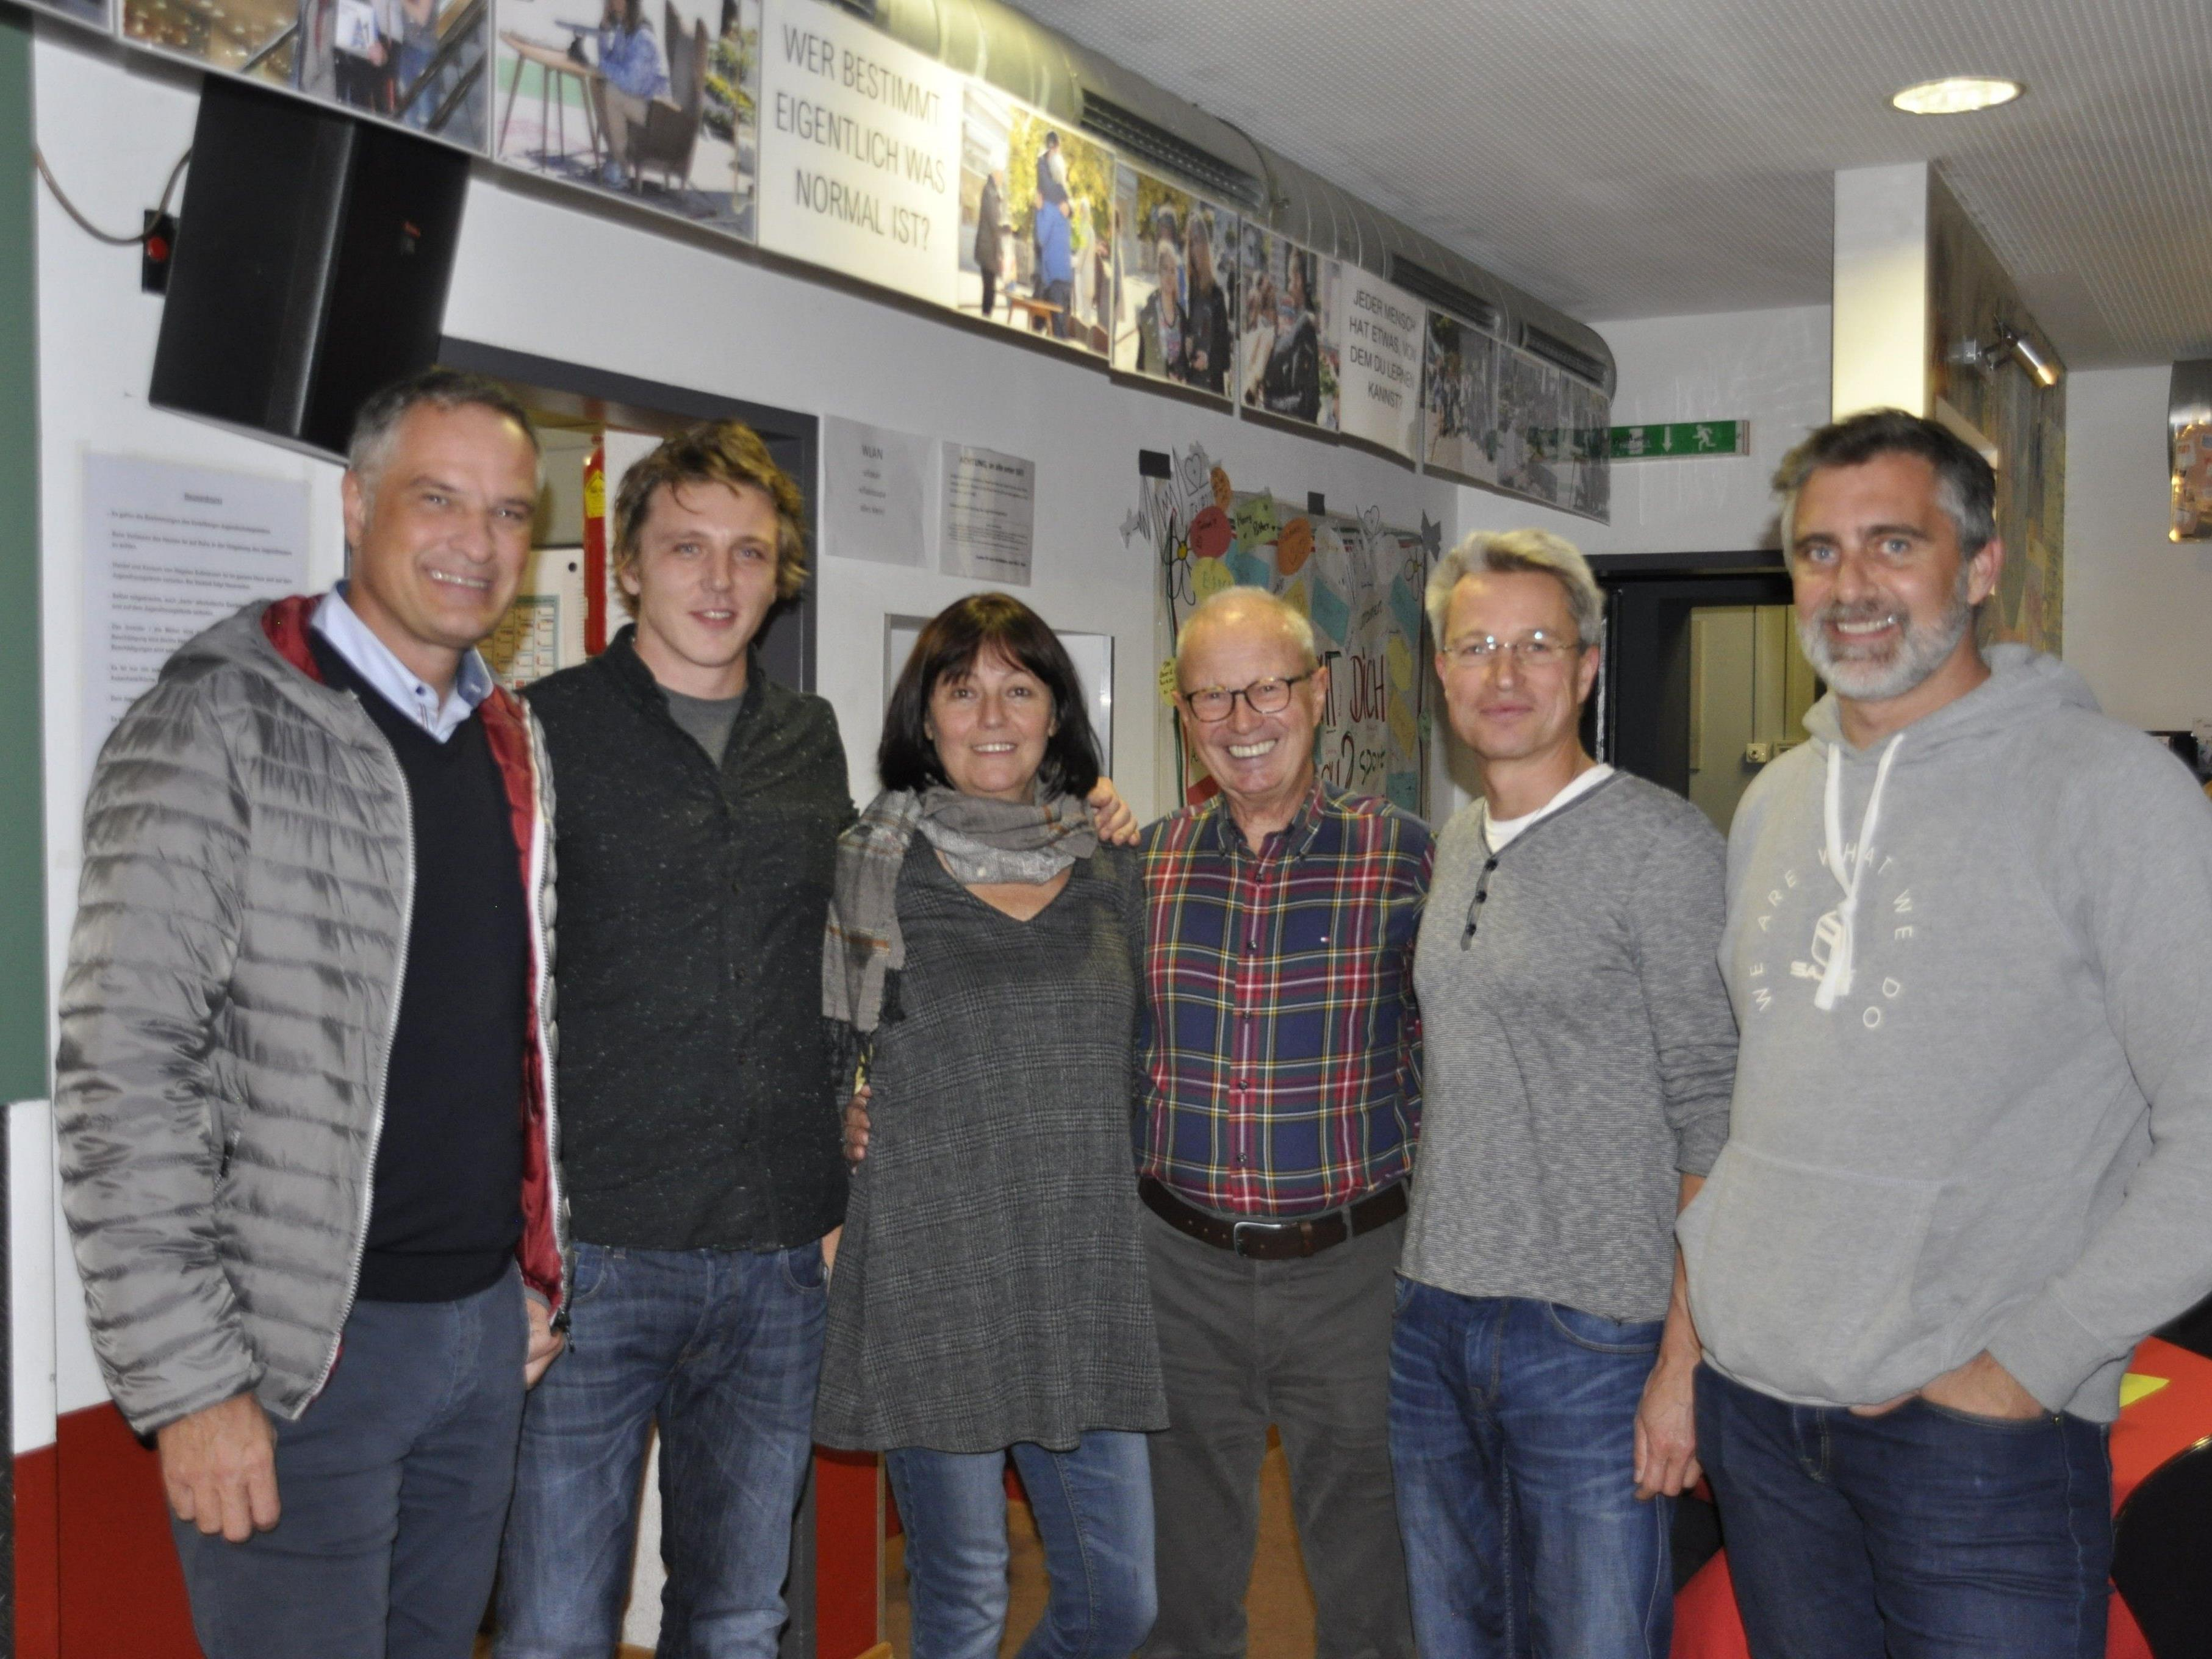 v.r.: Mario Leiter, Roman Bitschnau, Ruthilde Thaler-Feuerstein, Anton Geiger, Dietmar Böhm, Michael Lienher